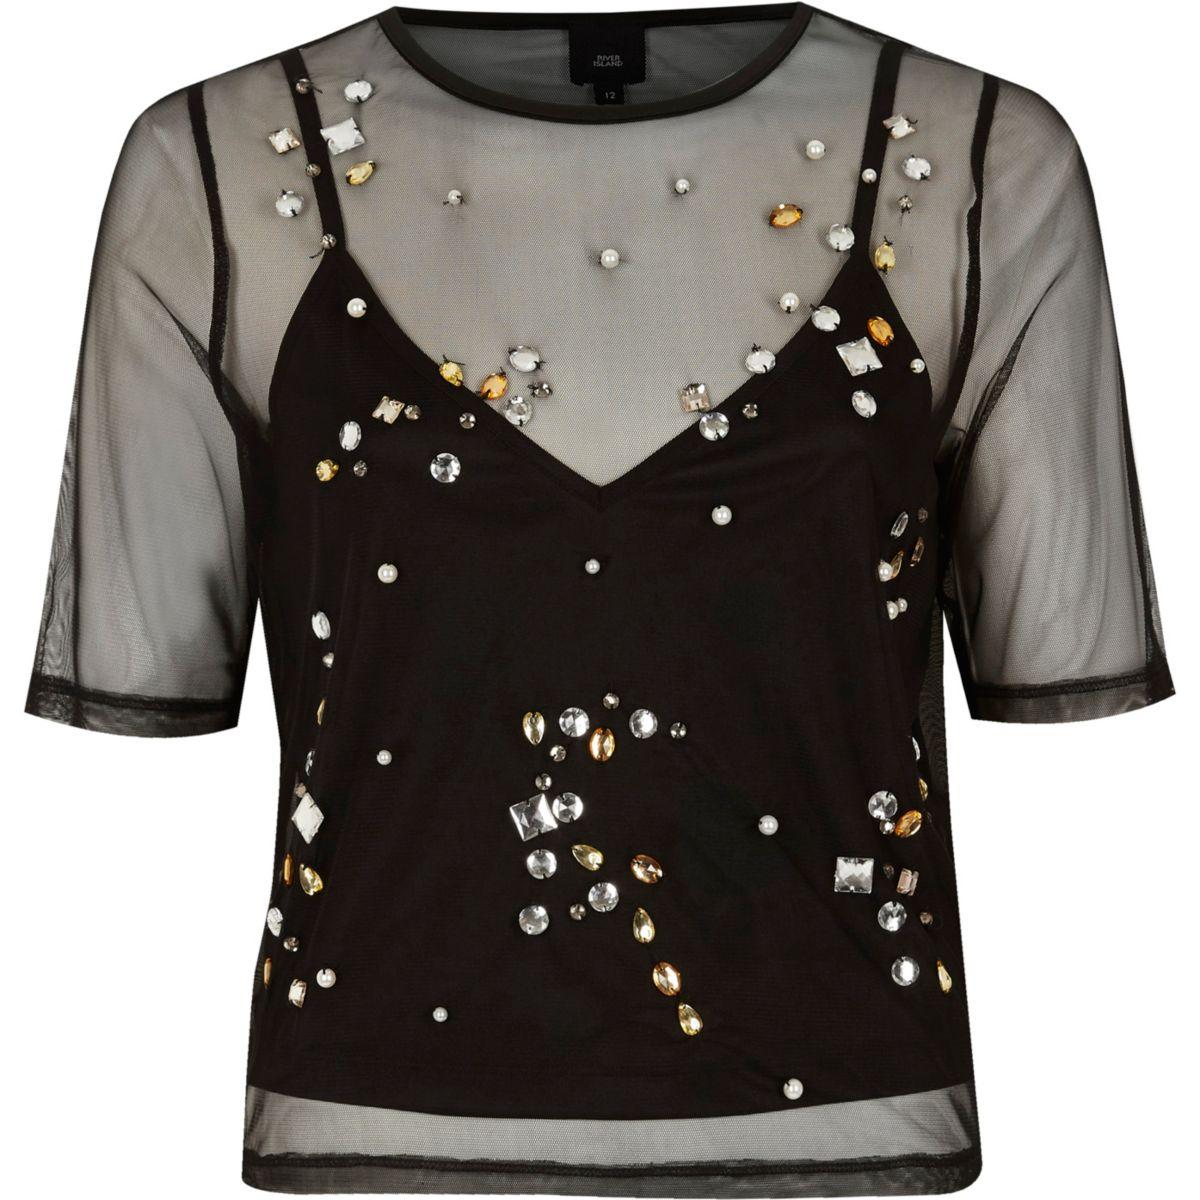 Verziertes T-Shirt aus schwarzem Netzstoff